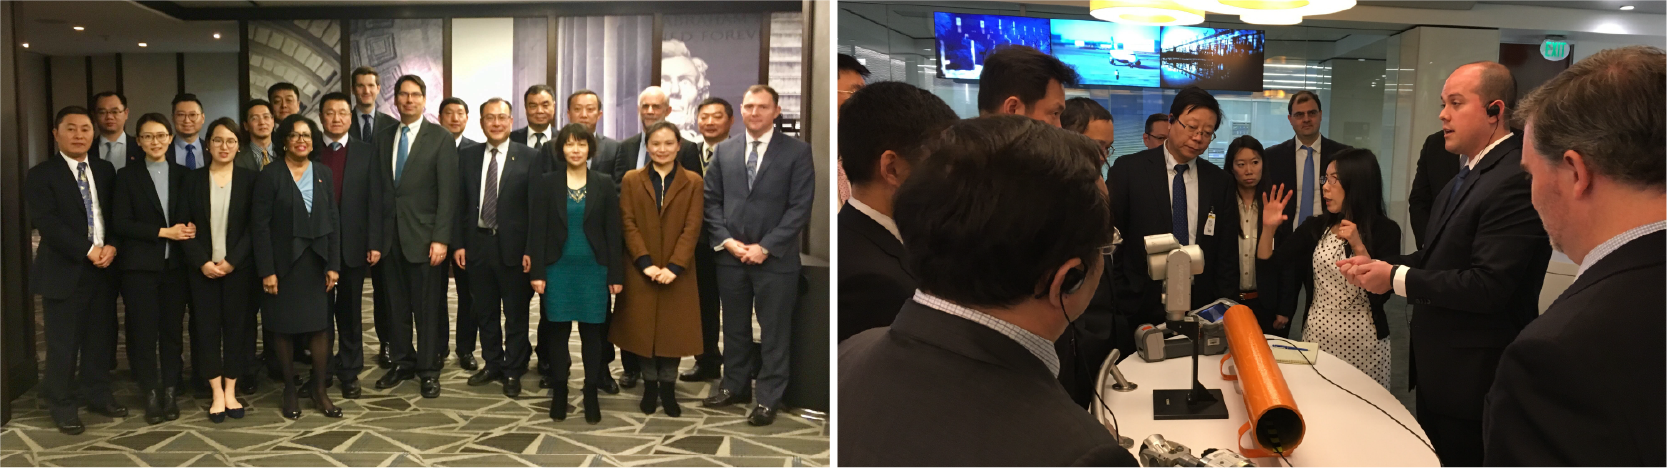 2018 December Newsletter - China RTM pic 3-25